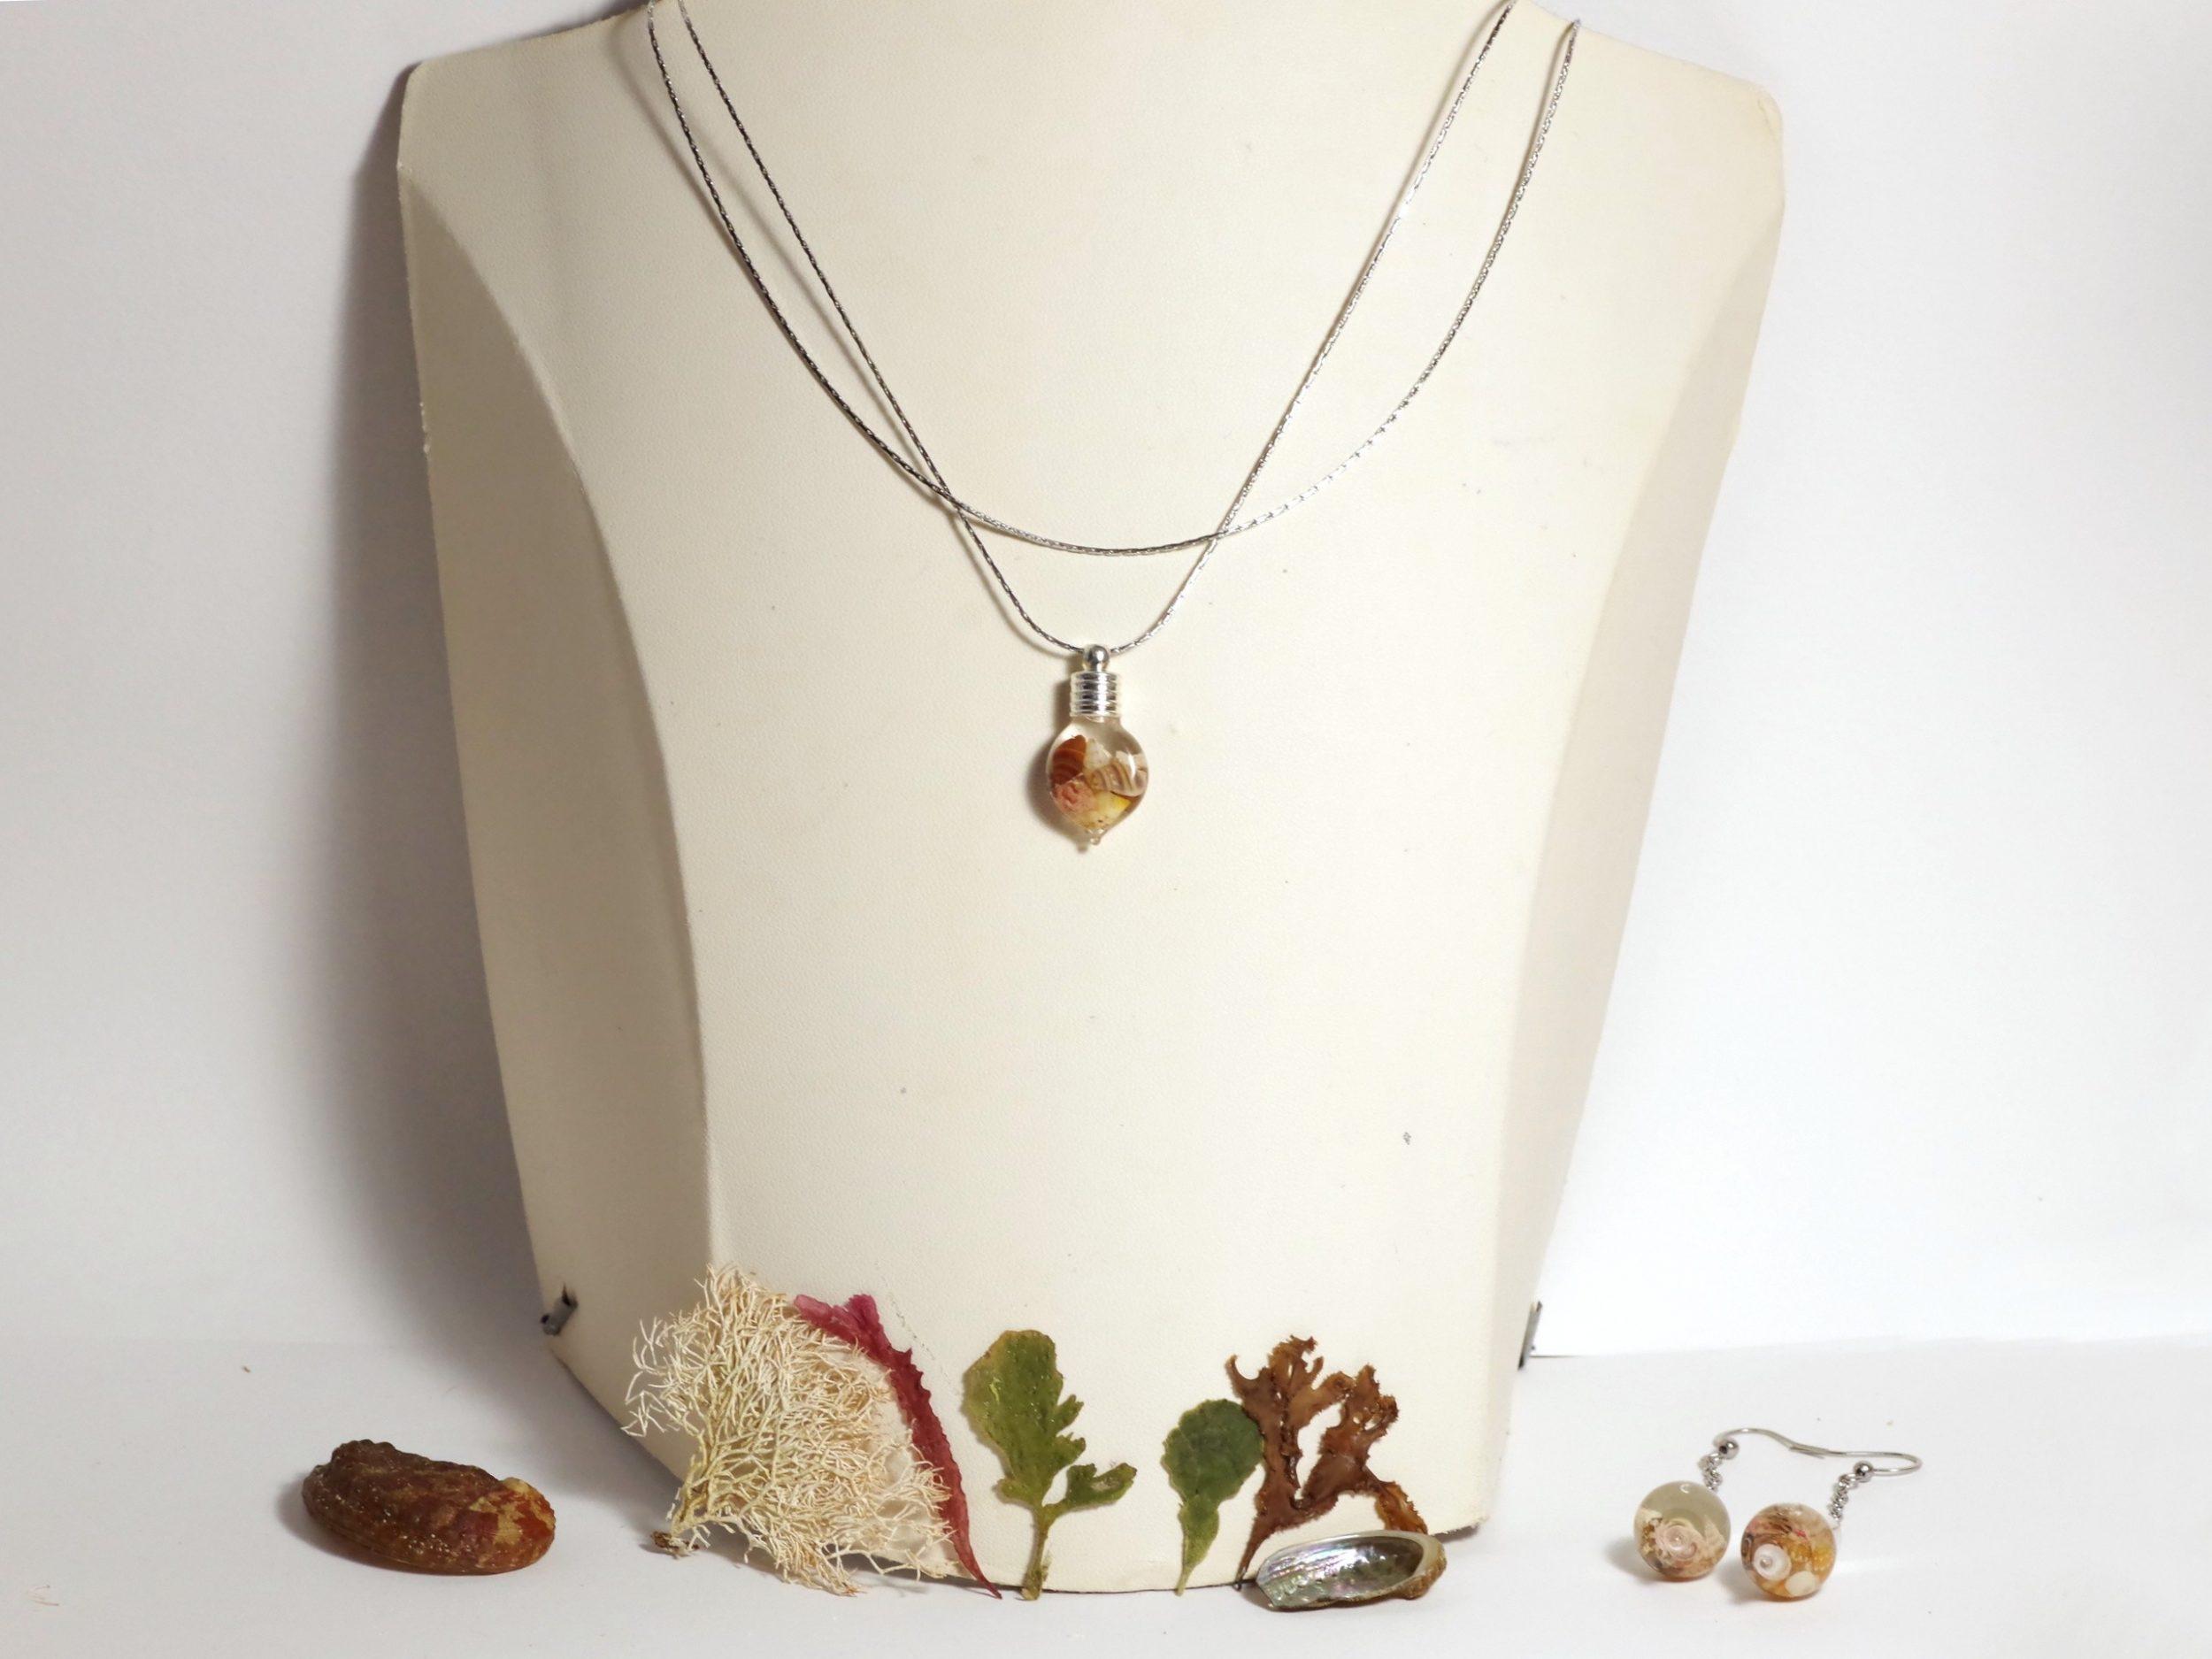 collier à deux chaînes, l'une d'elle porte un petit pendentif de verre : une fiole de macrocoquillage, les petits coquillages dans la fiole sont de couleurs variées à dominante brune